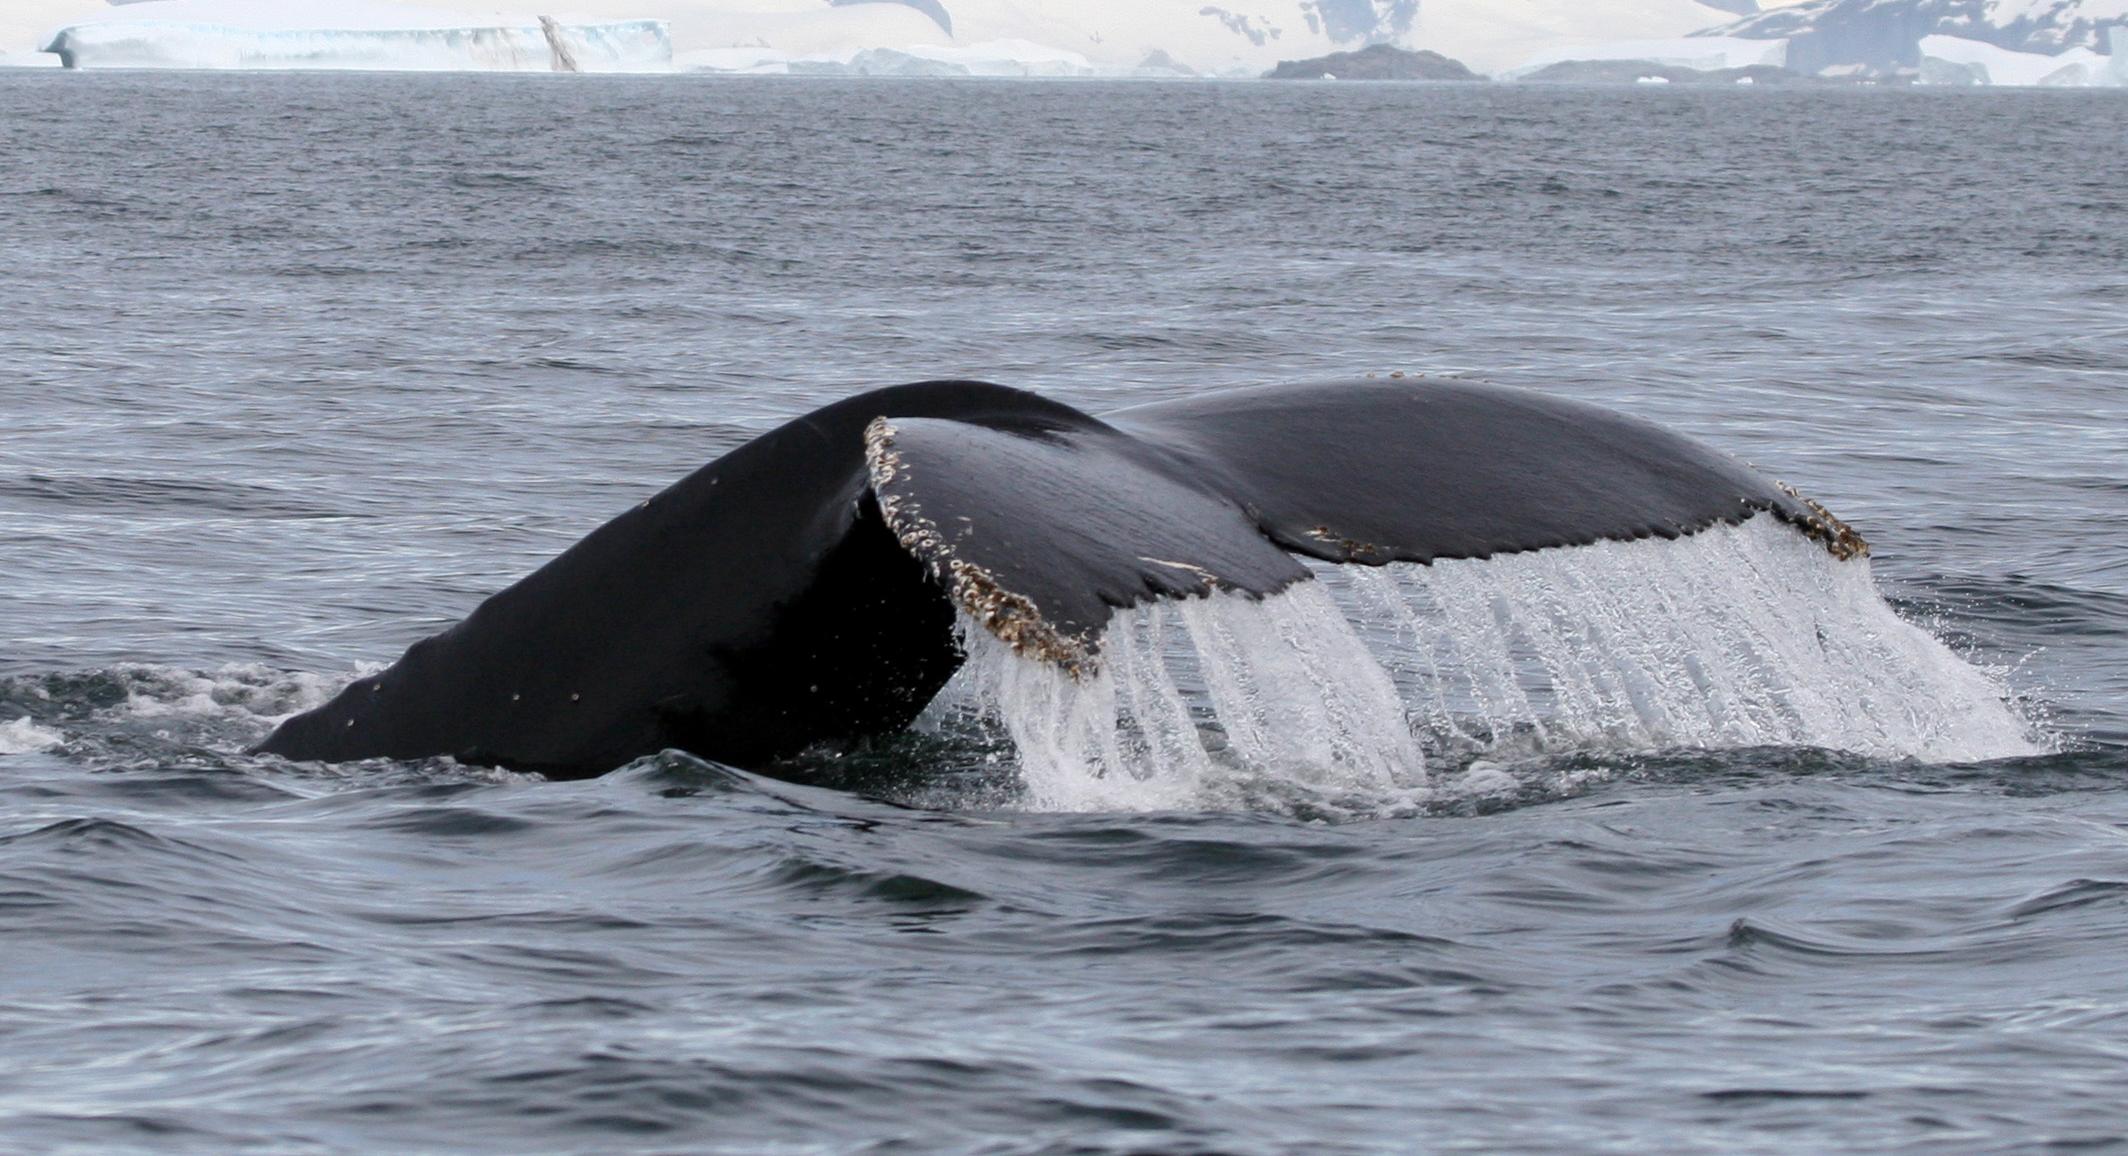 在斯奈山半岛的Breiðafjörður峡湾参加观鲸团,出海观鲸